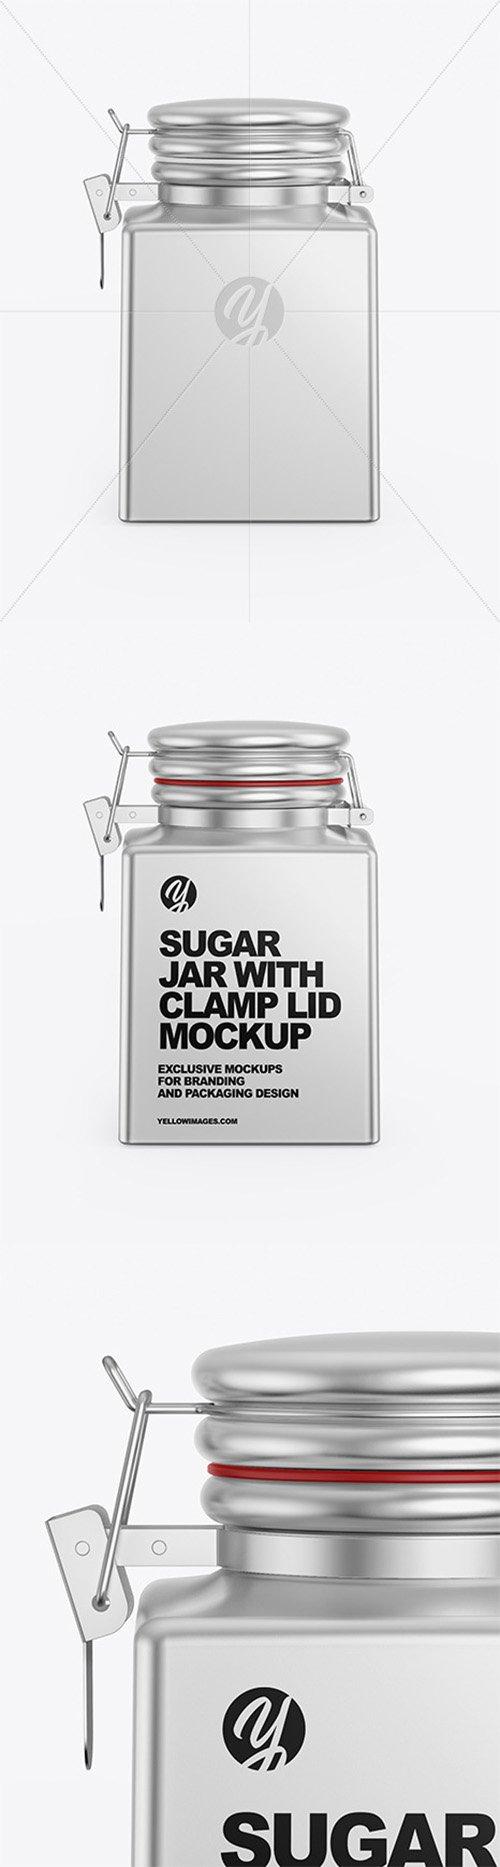 Metallic Sugar Jar Mockup 64990 TIF